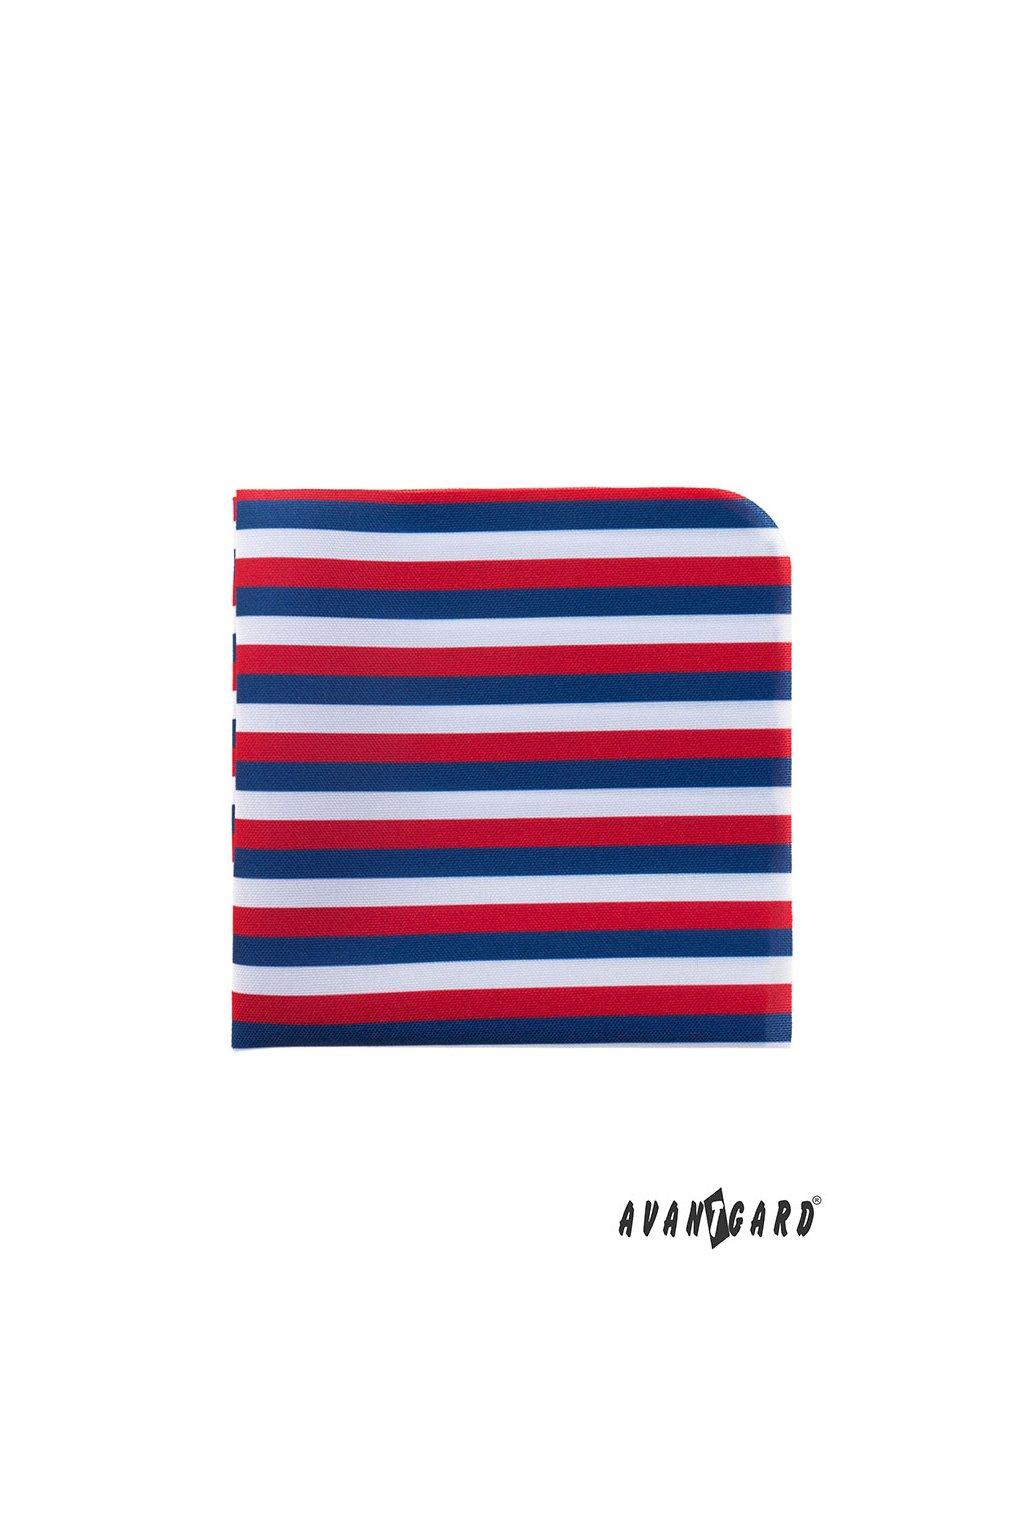 Kapesníček do saka LUX trikolóra bílá/červená/modrá 583 - 111218